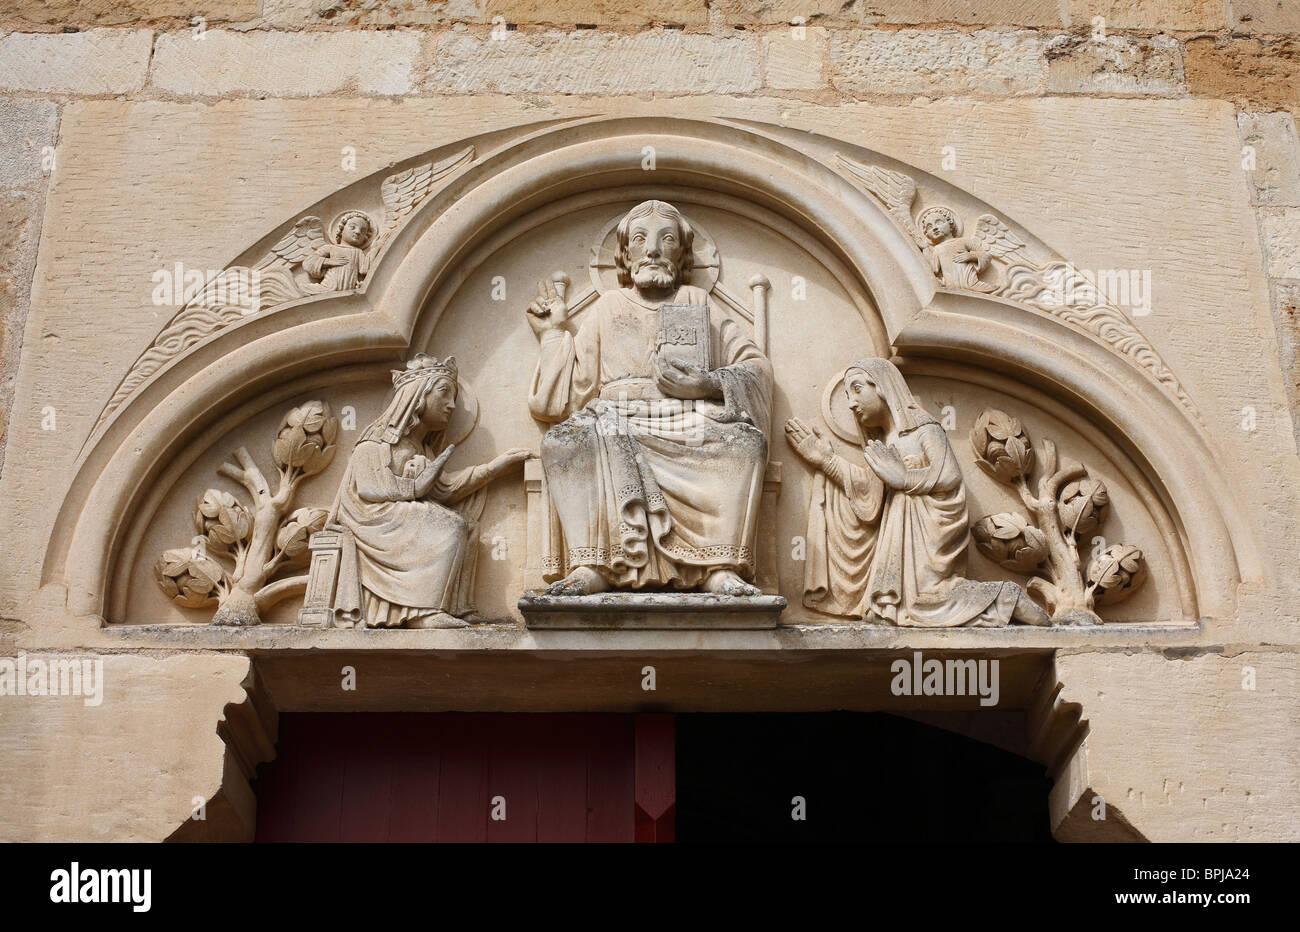 Tallado en piedra caliza religiosa en la Basílica de Sainte Madeleine de Vezelay, Borgoña, Francia. Imagen De Stock